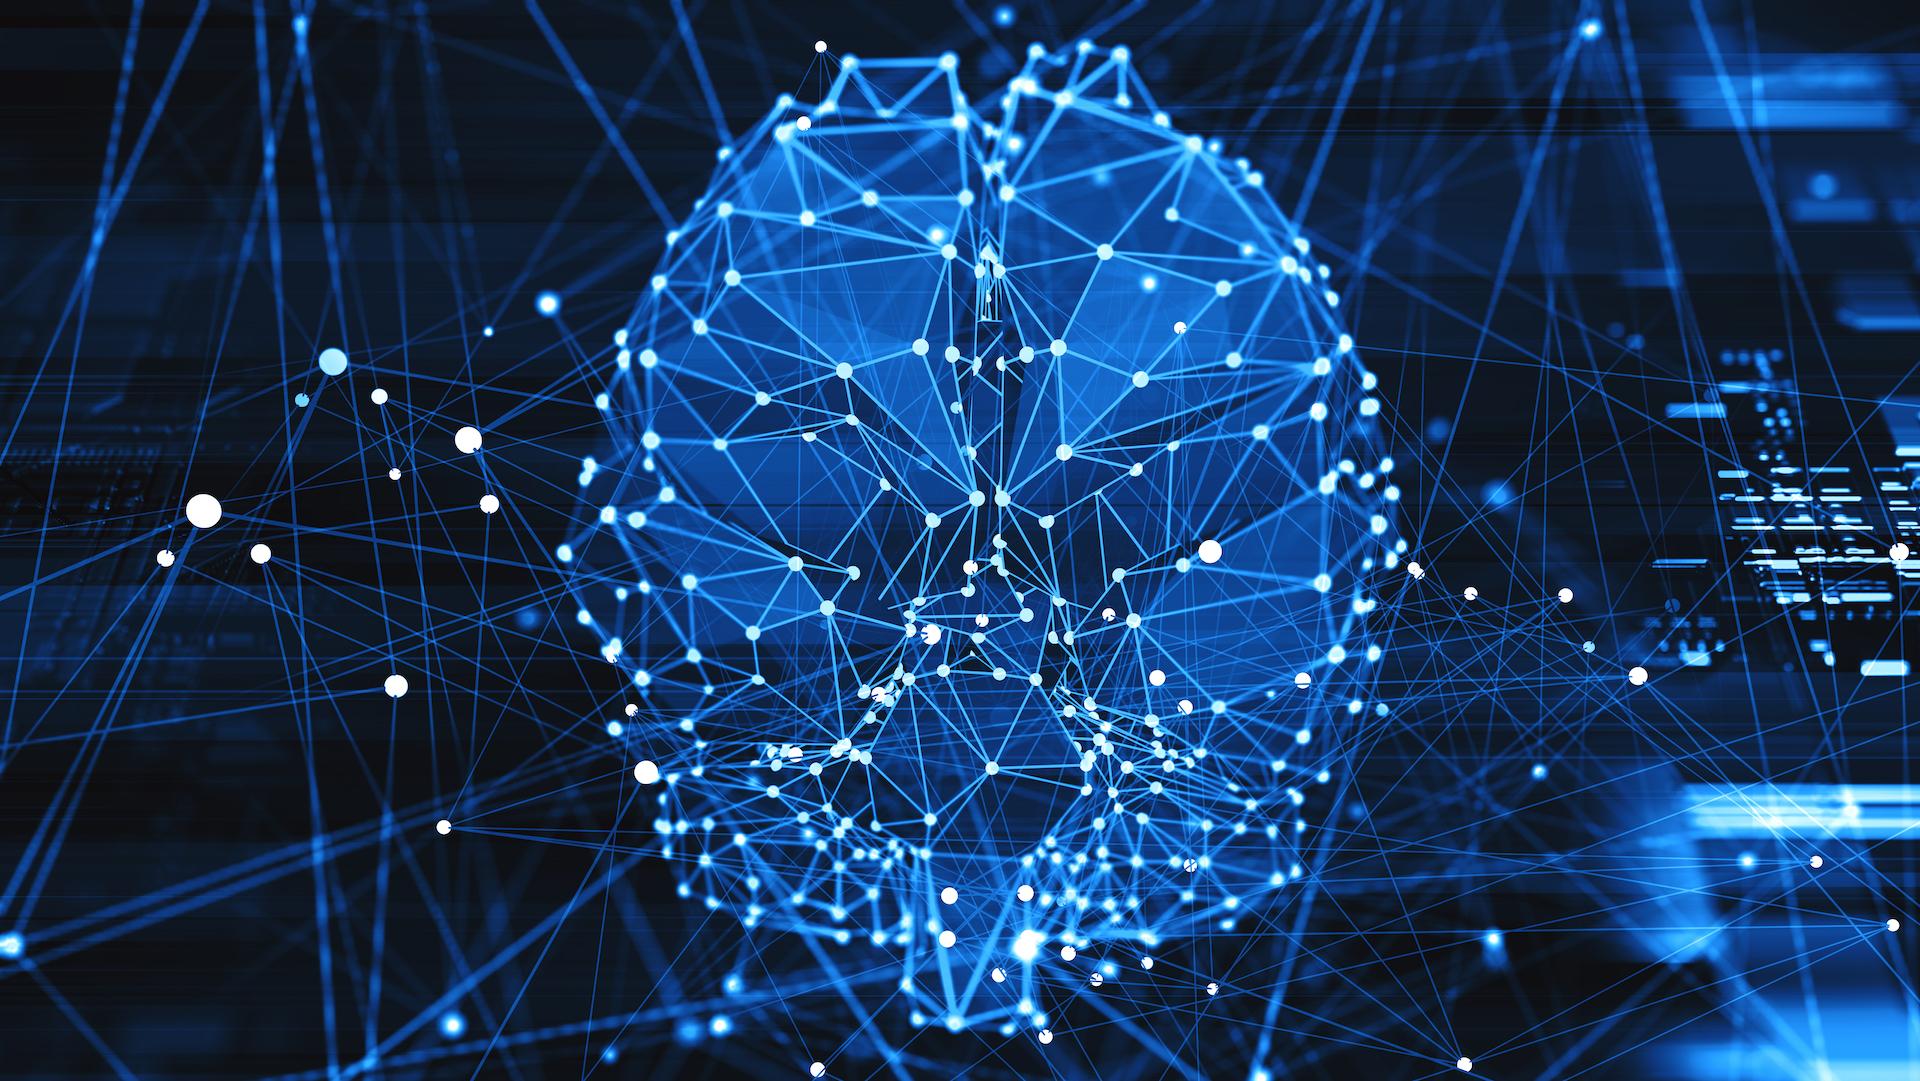 ヒトラボ、AIを活用した人材評価ツール「マシンアセスメント」の提供を開始